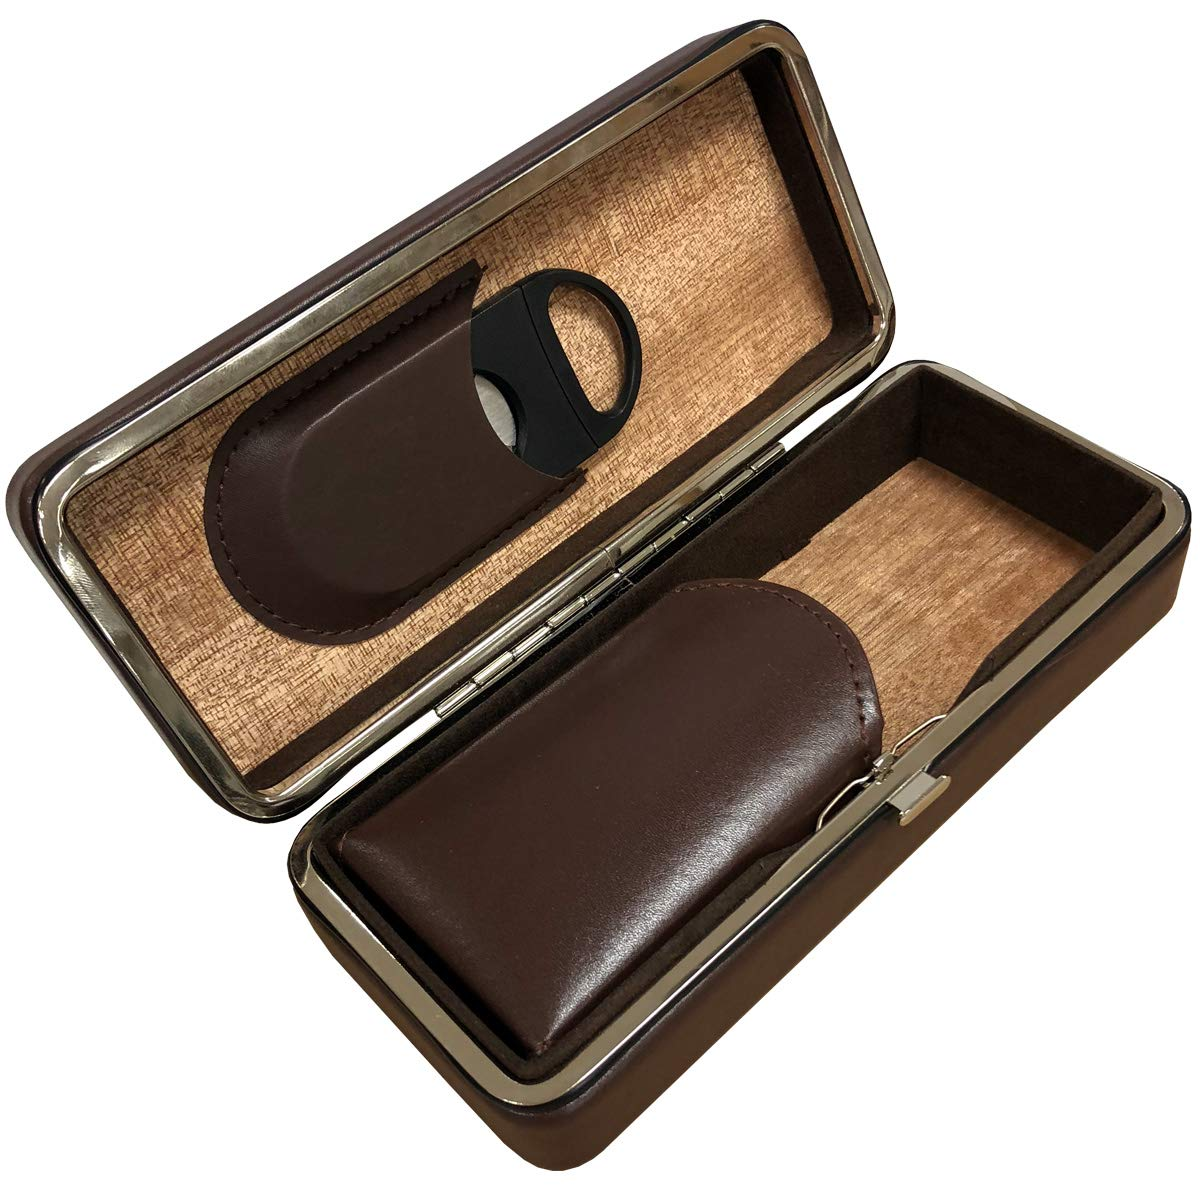 Prestige Import Group - 3 Cigar Folding Travel Case - Color: Brown